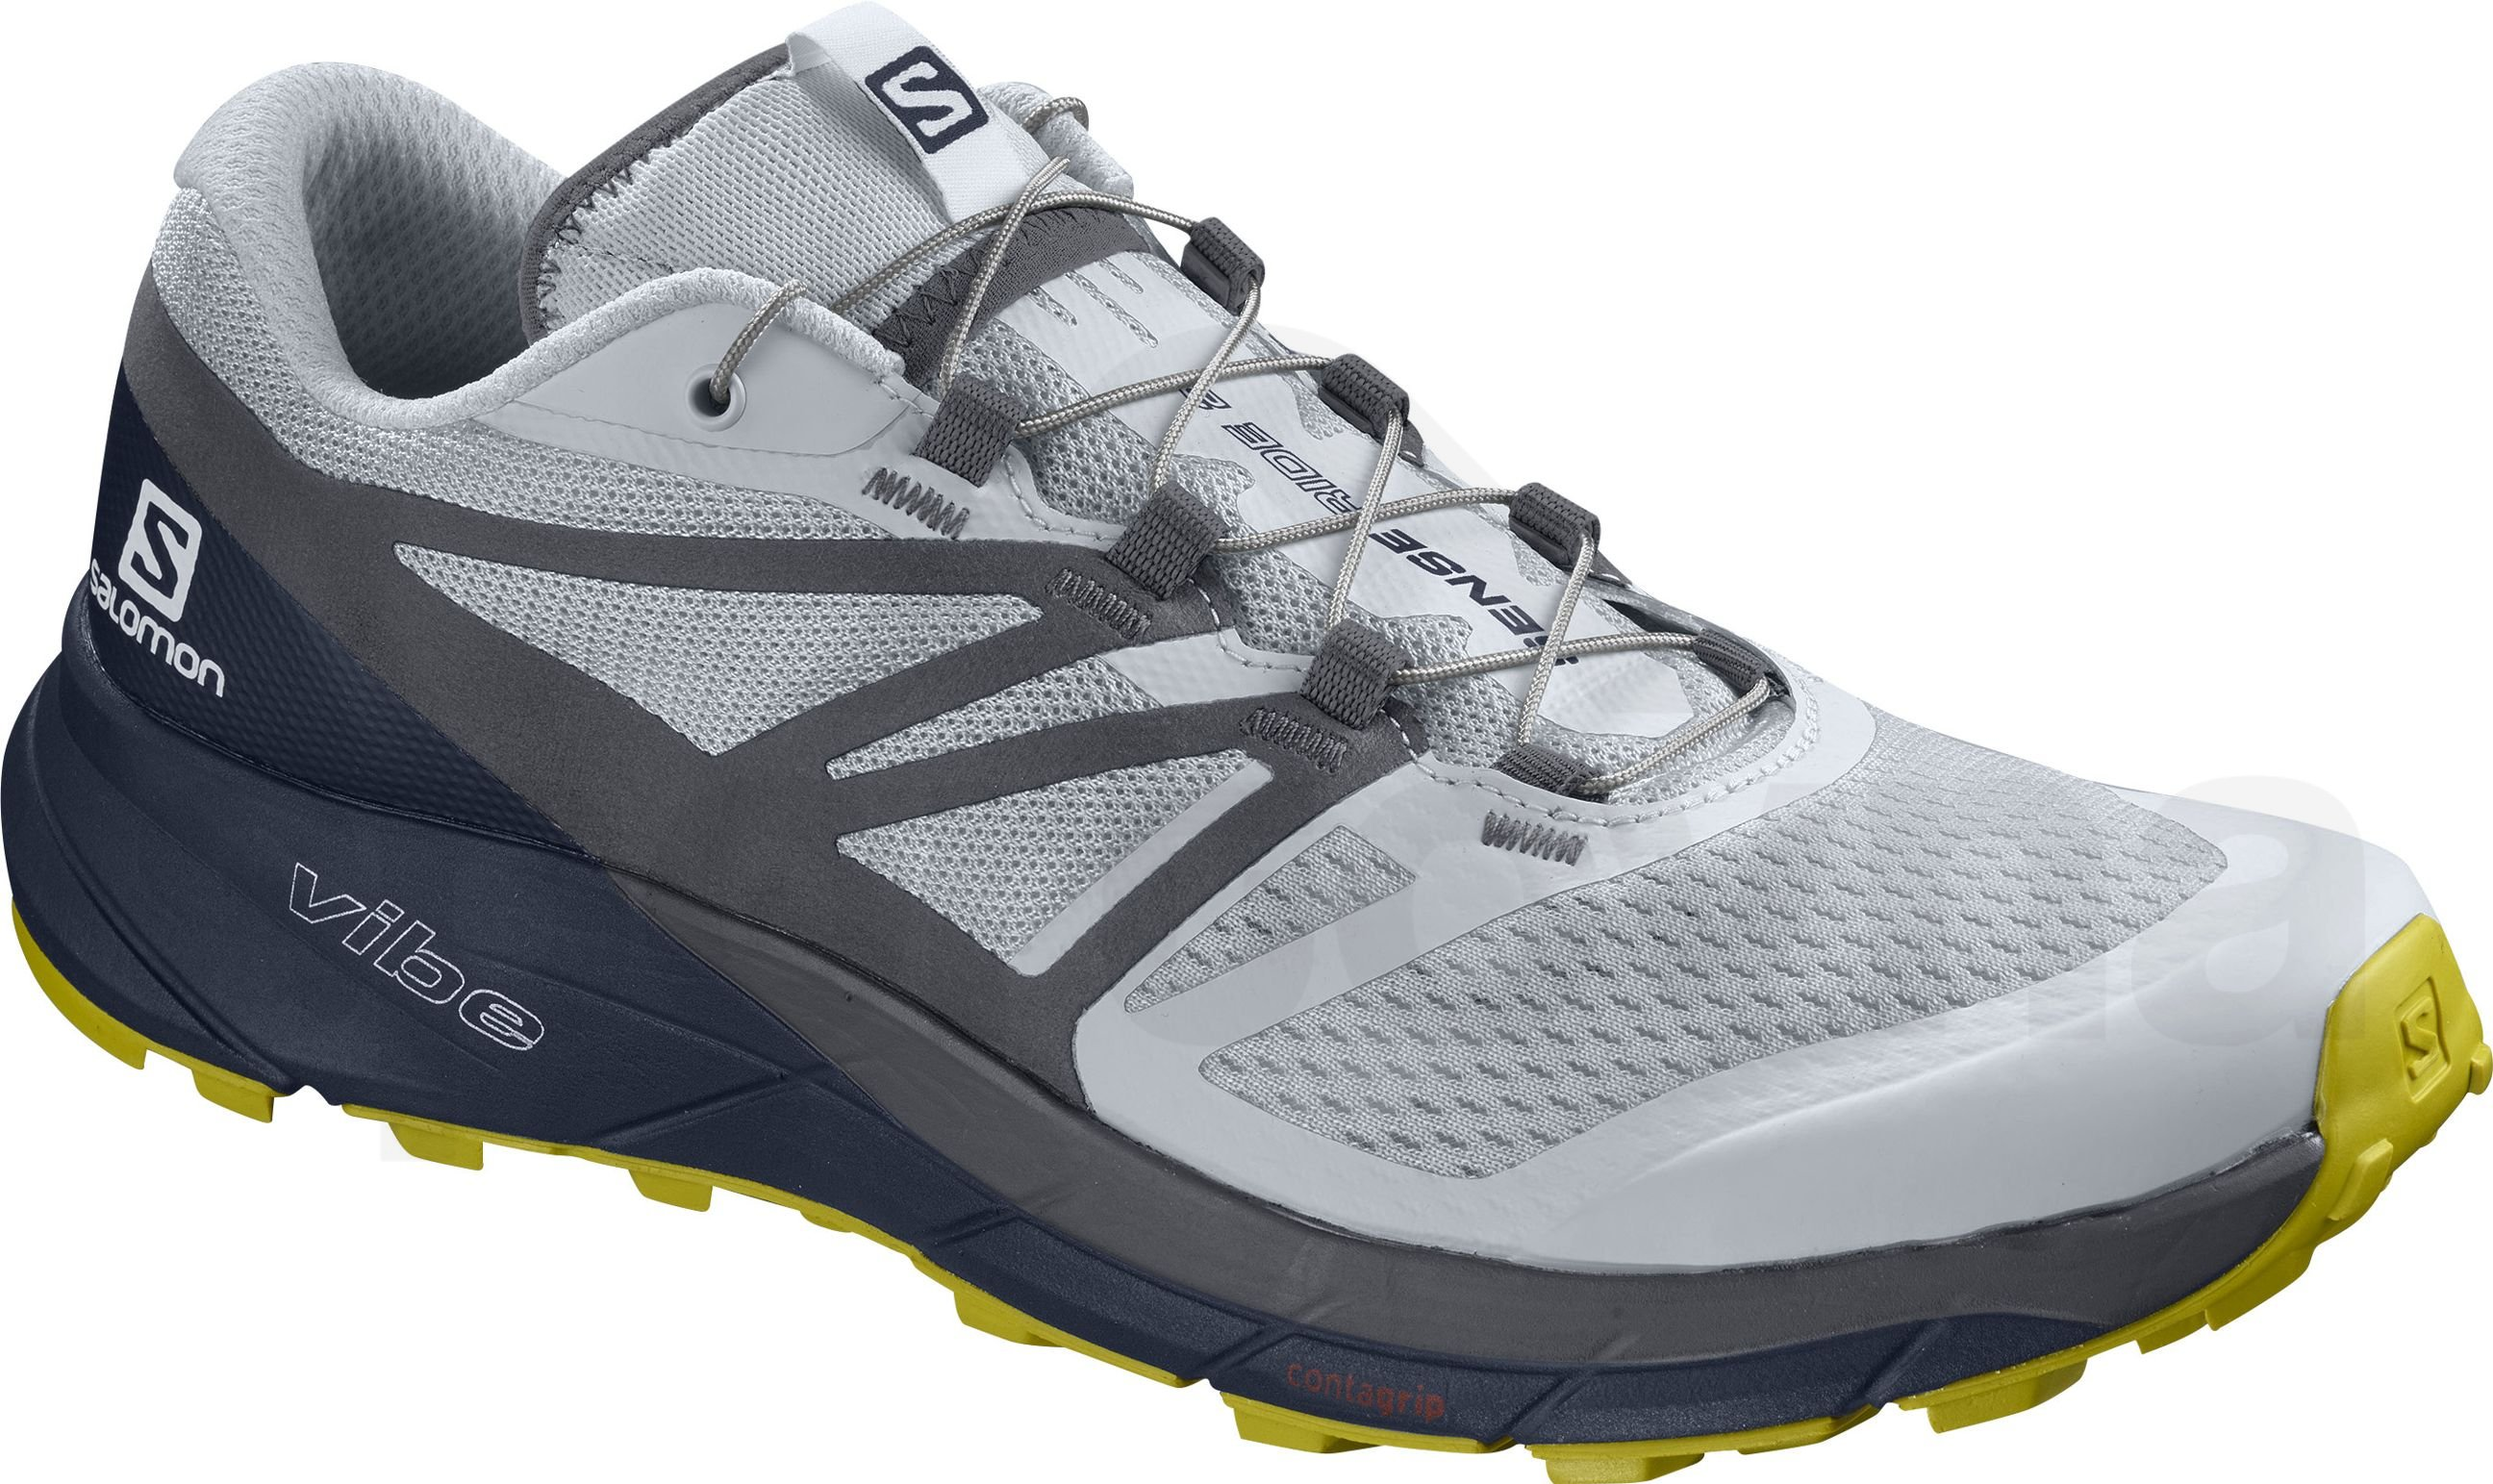 97881abb5f16 Pánská trailová běžecká obuv Salomon SENSE RIDE 2 Dahlia CHERRY TO ...